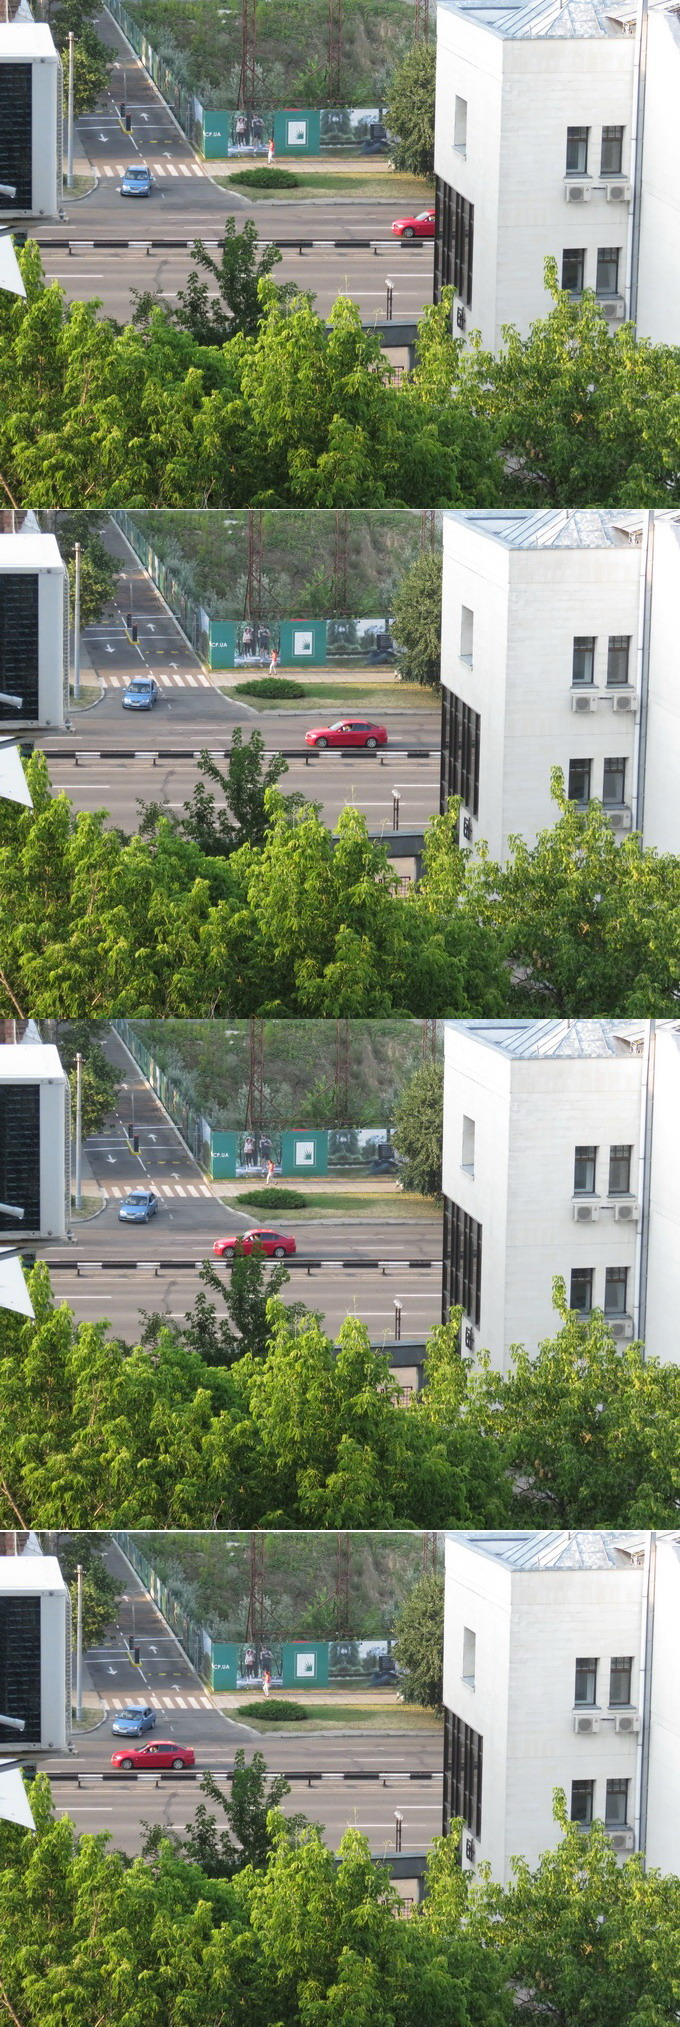 Серийная съемка с частотой 6,4 кадров в секунду позволяет выбирать самые интересные кадры при фотофиксации движущихся объектов. Красный автомобиль движется со скоростью порядка 80 км/ч, однако его изображение очень четкое